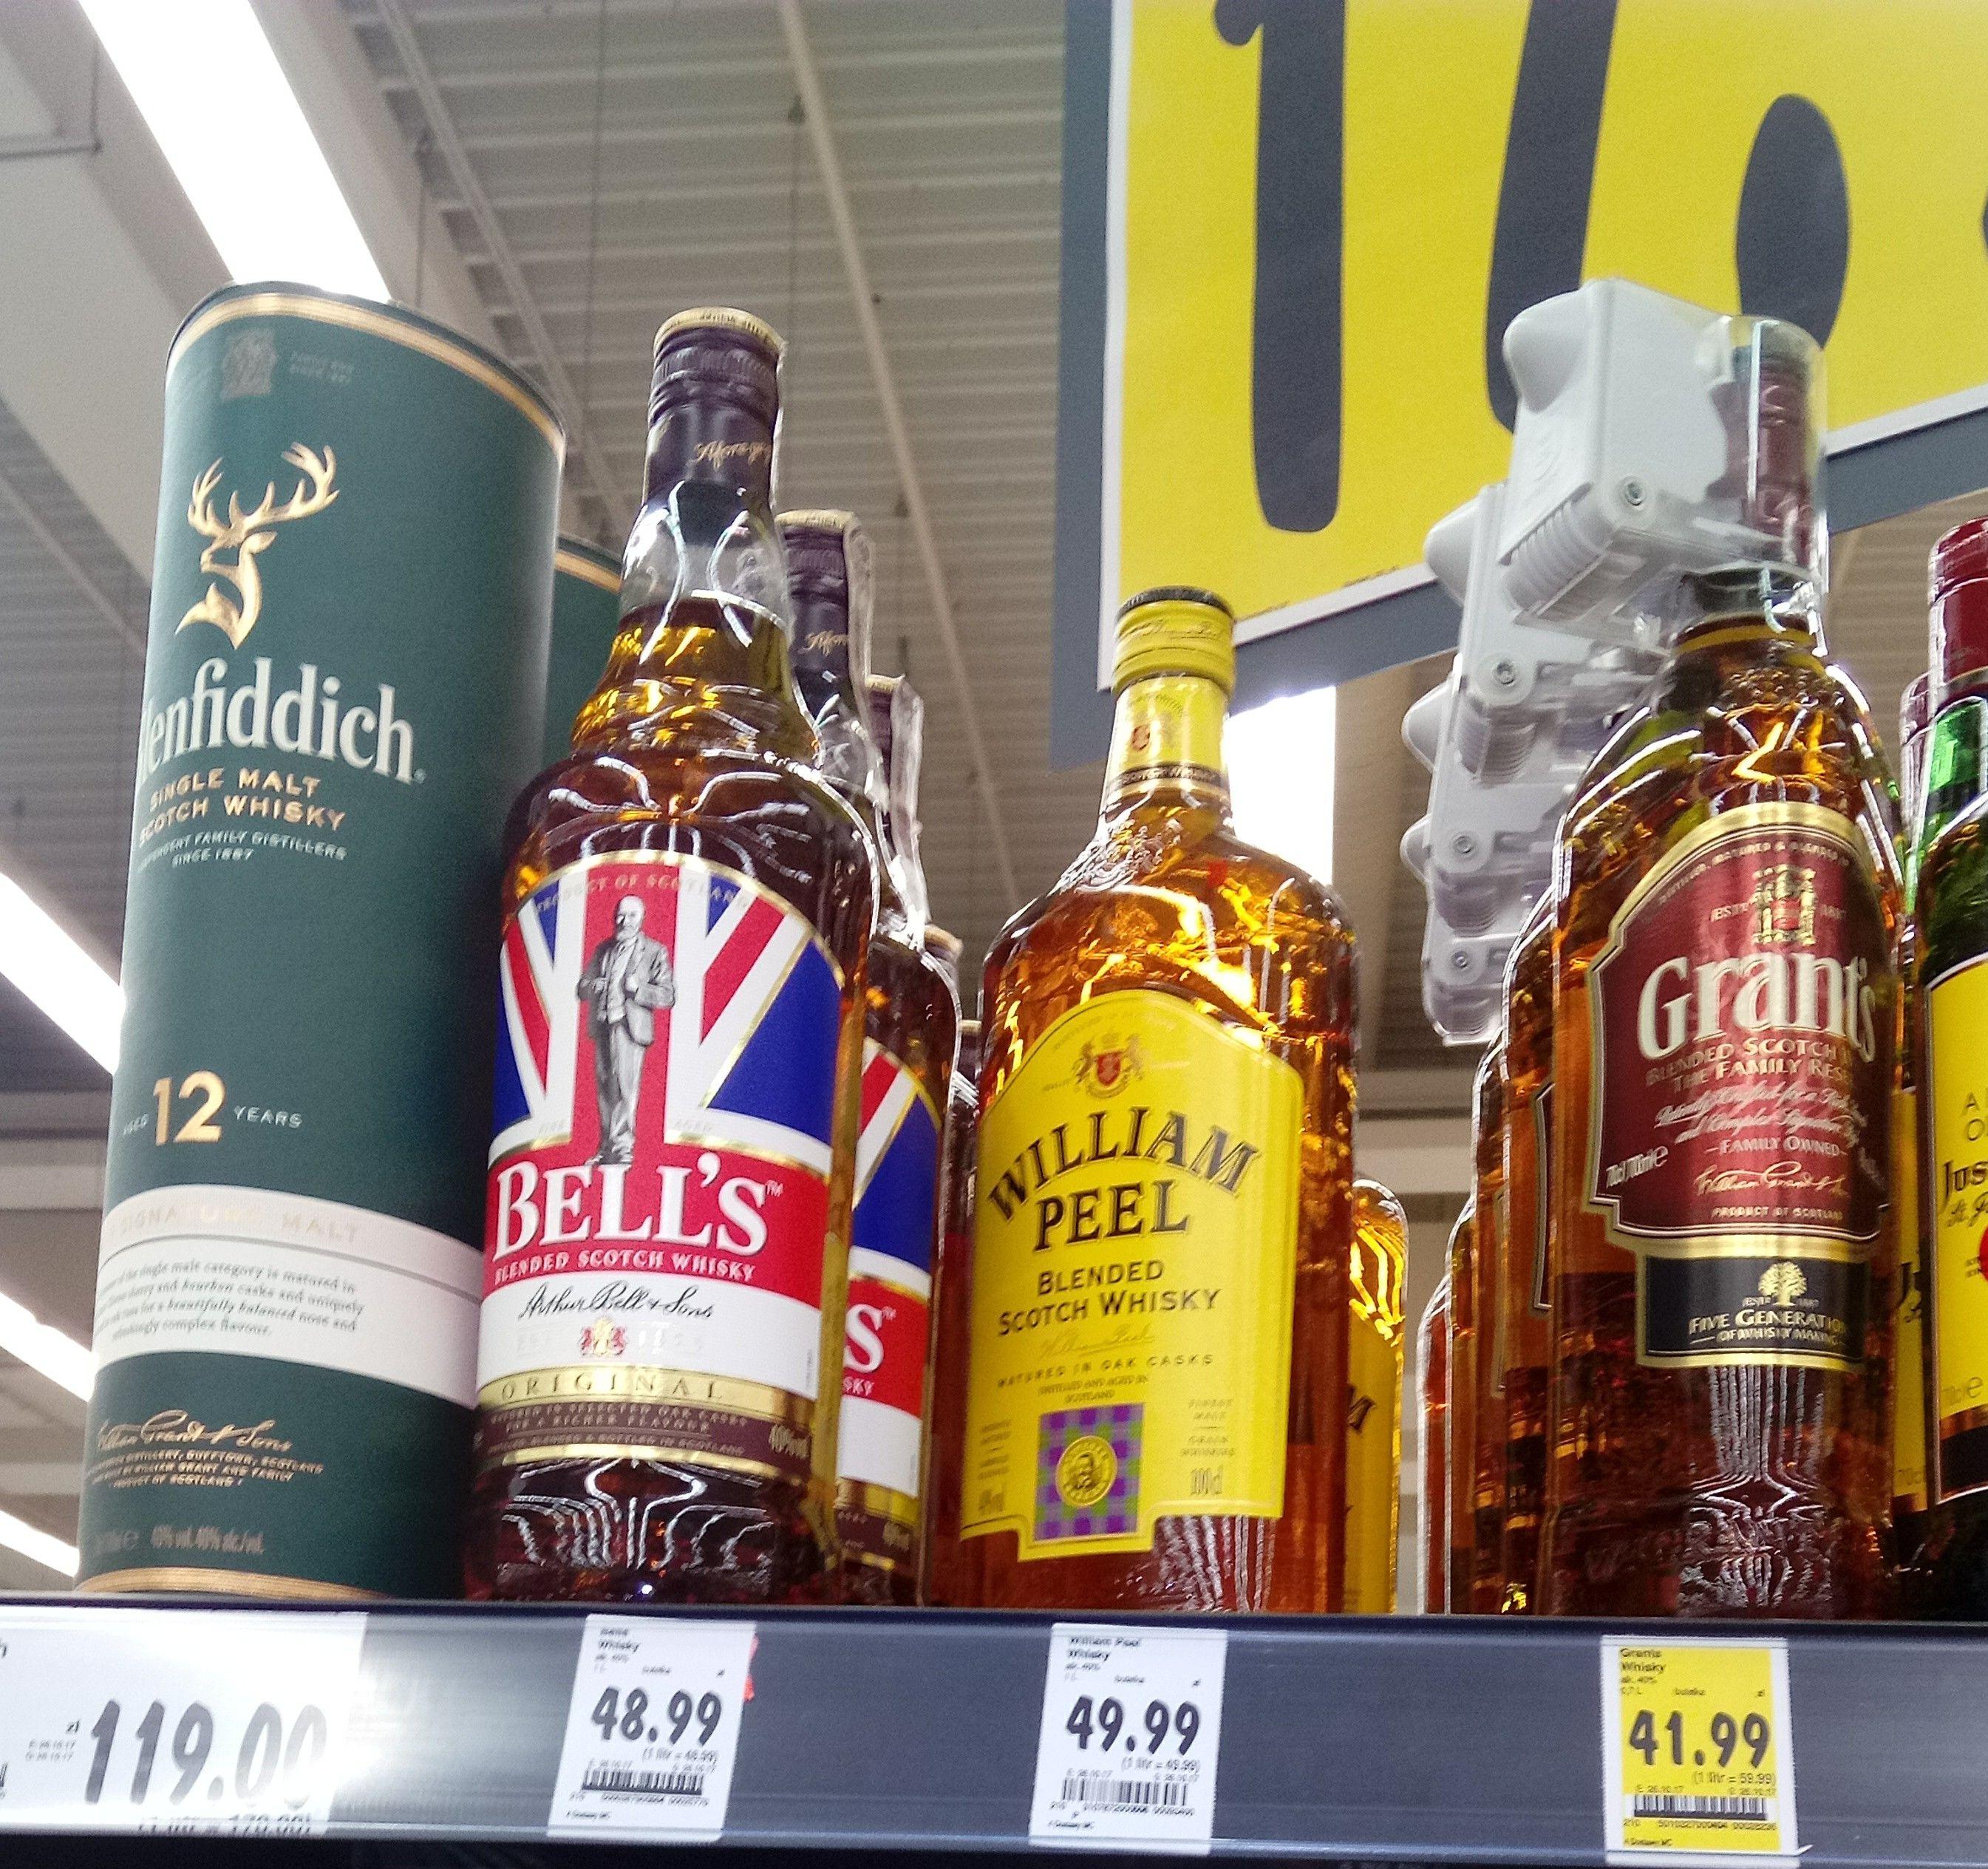 Kaufland - whisky Bell's 1l i inne